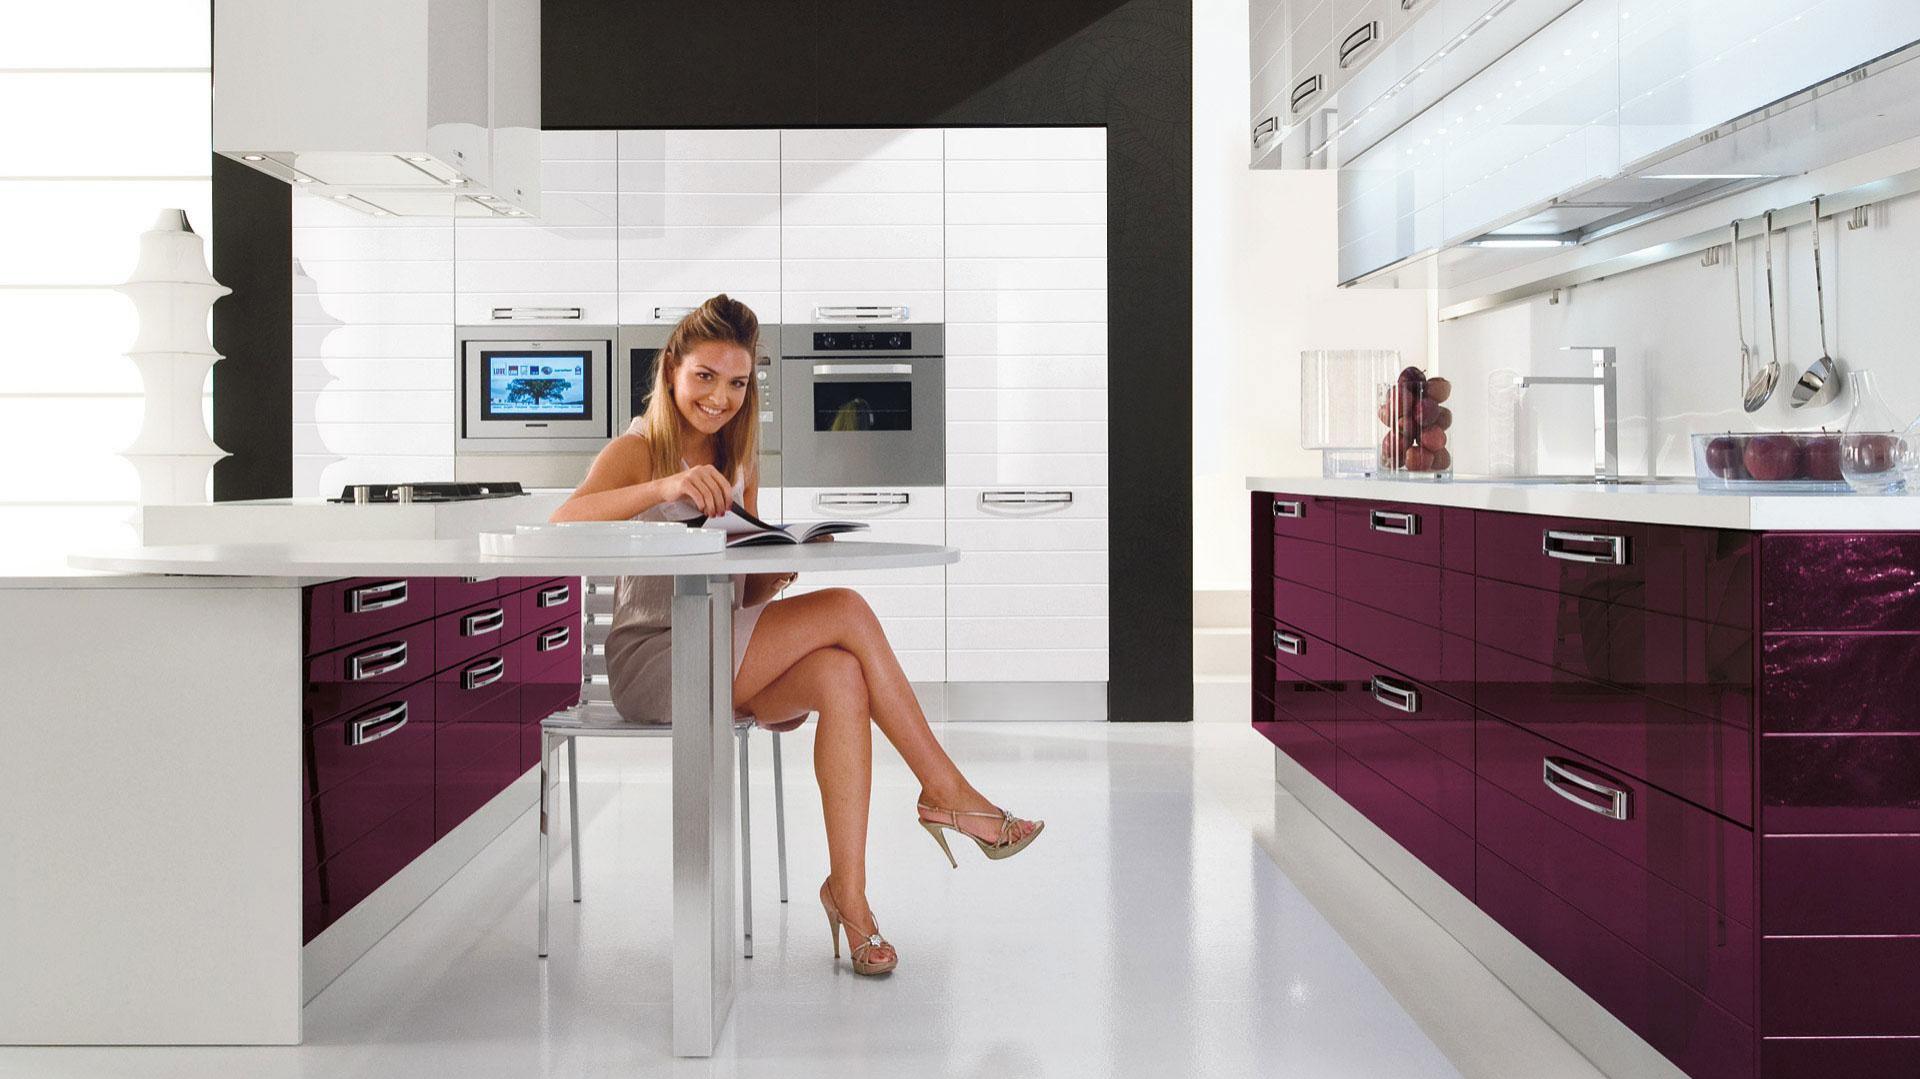 Na zdjęciu propozycja Fabiana. Kolorowa kuchnia, kształtem zbliżona do kwadratu, w wersji z ażurowym stolikiem. Fot. Lube Cuccine